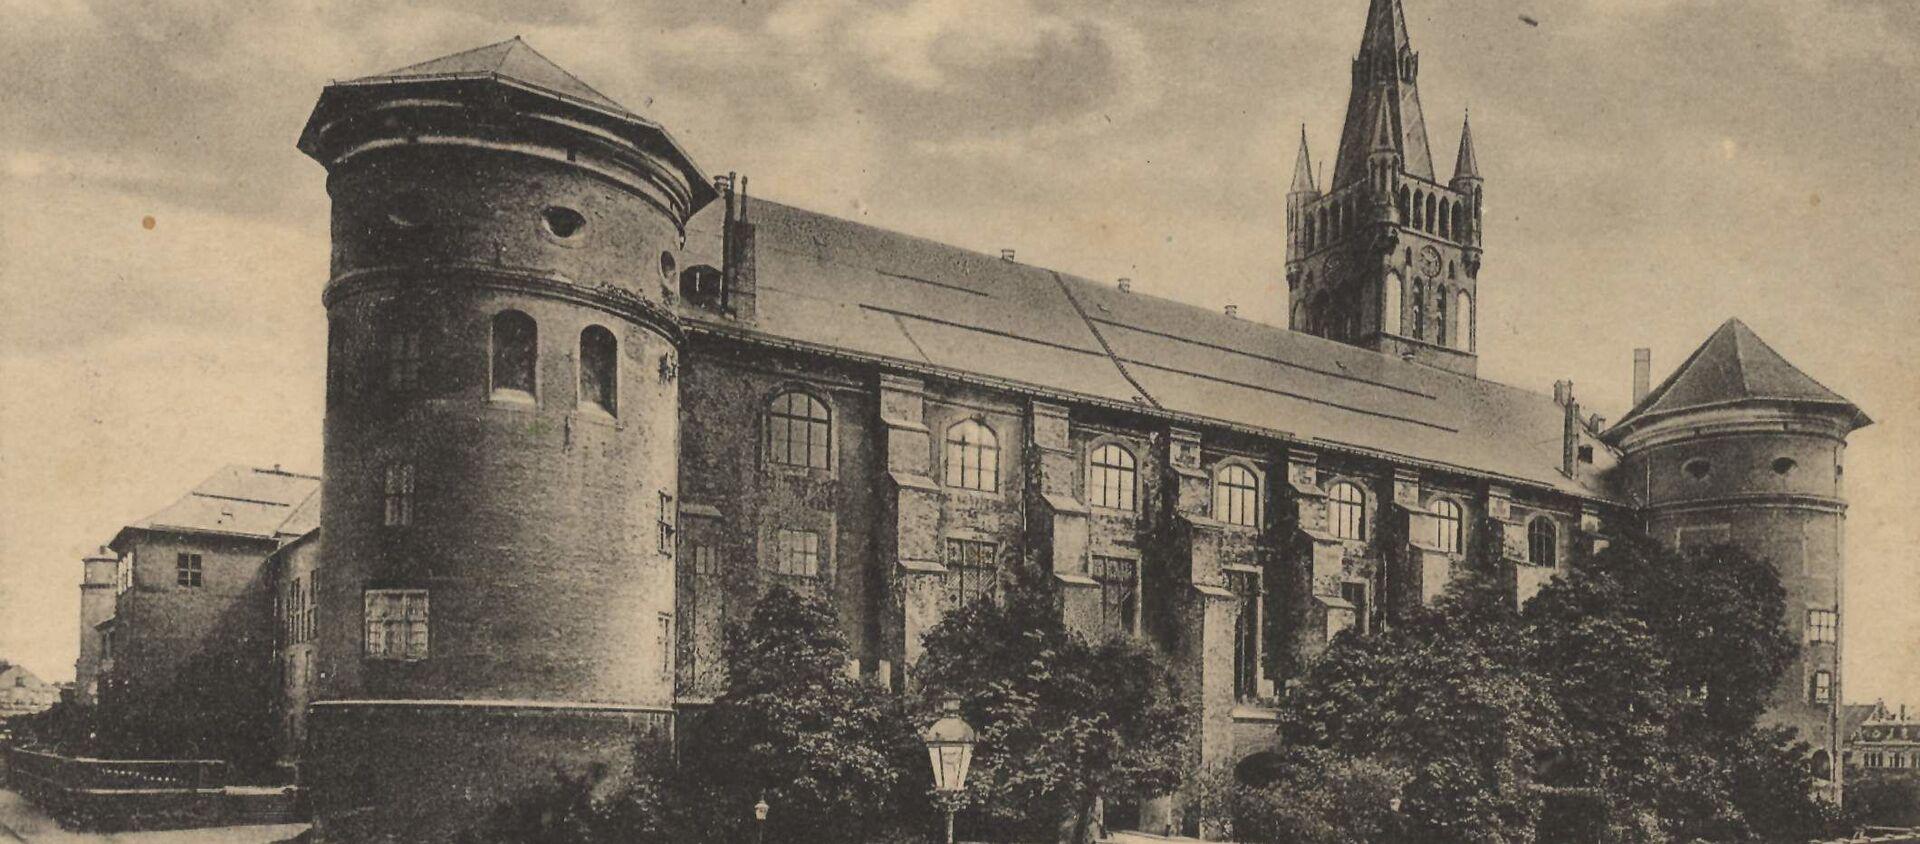 Zamek Królewski w 1917 roku  - Sputnik Polska, 1920, 29.10.2020